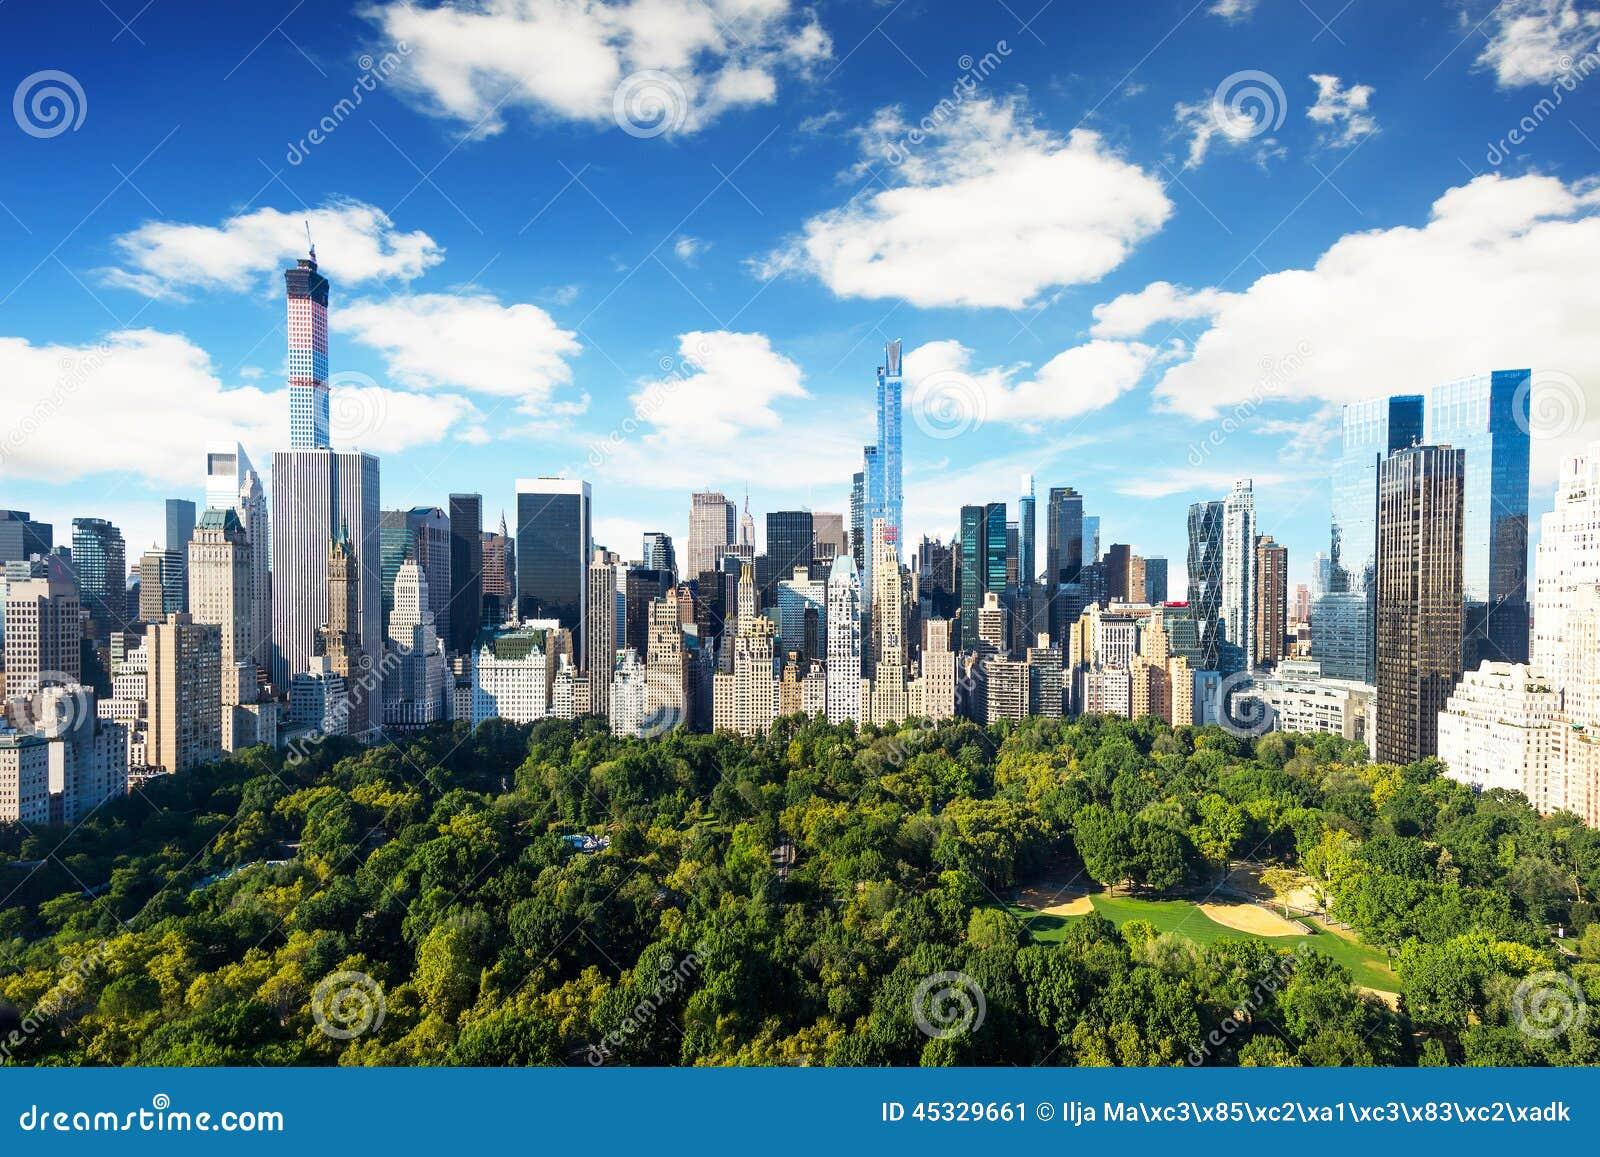 紐約-中央公園視圖向有公園的曼哈頓晴天-驚人的鳥景色.圖片